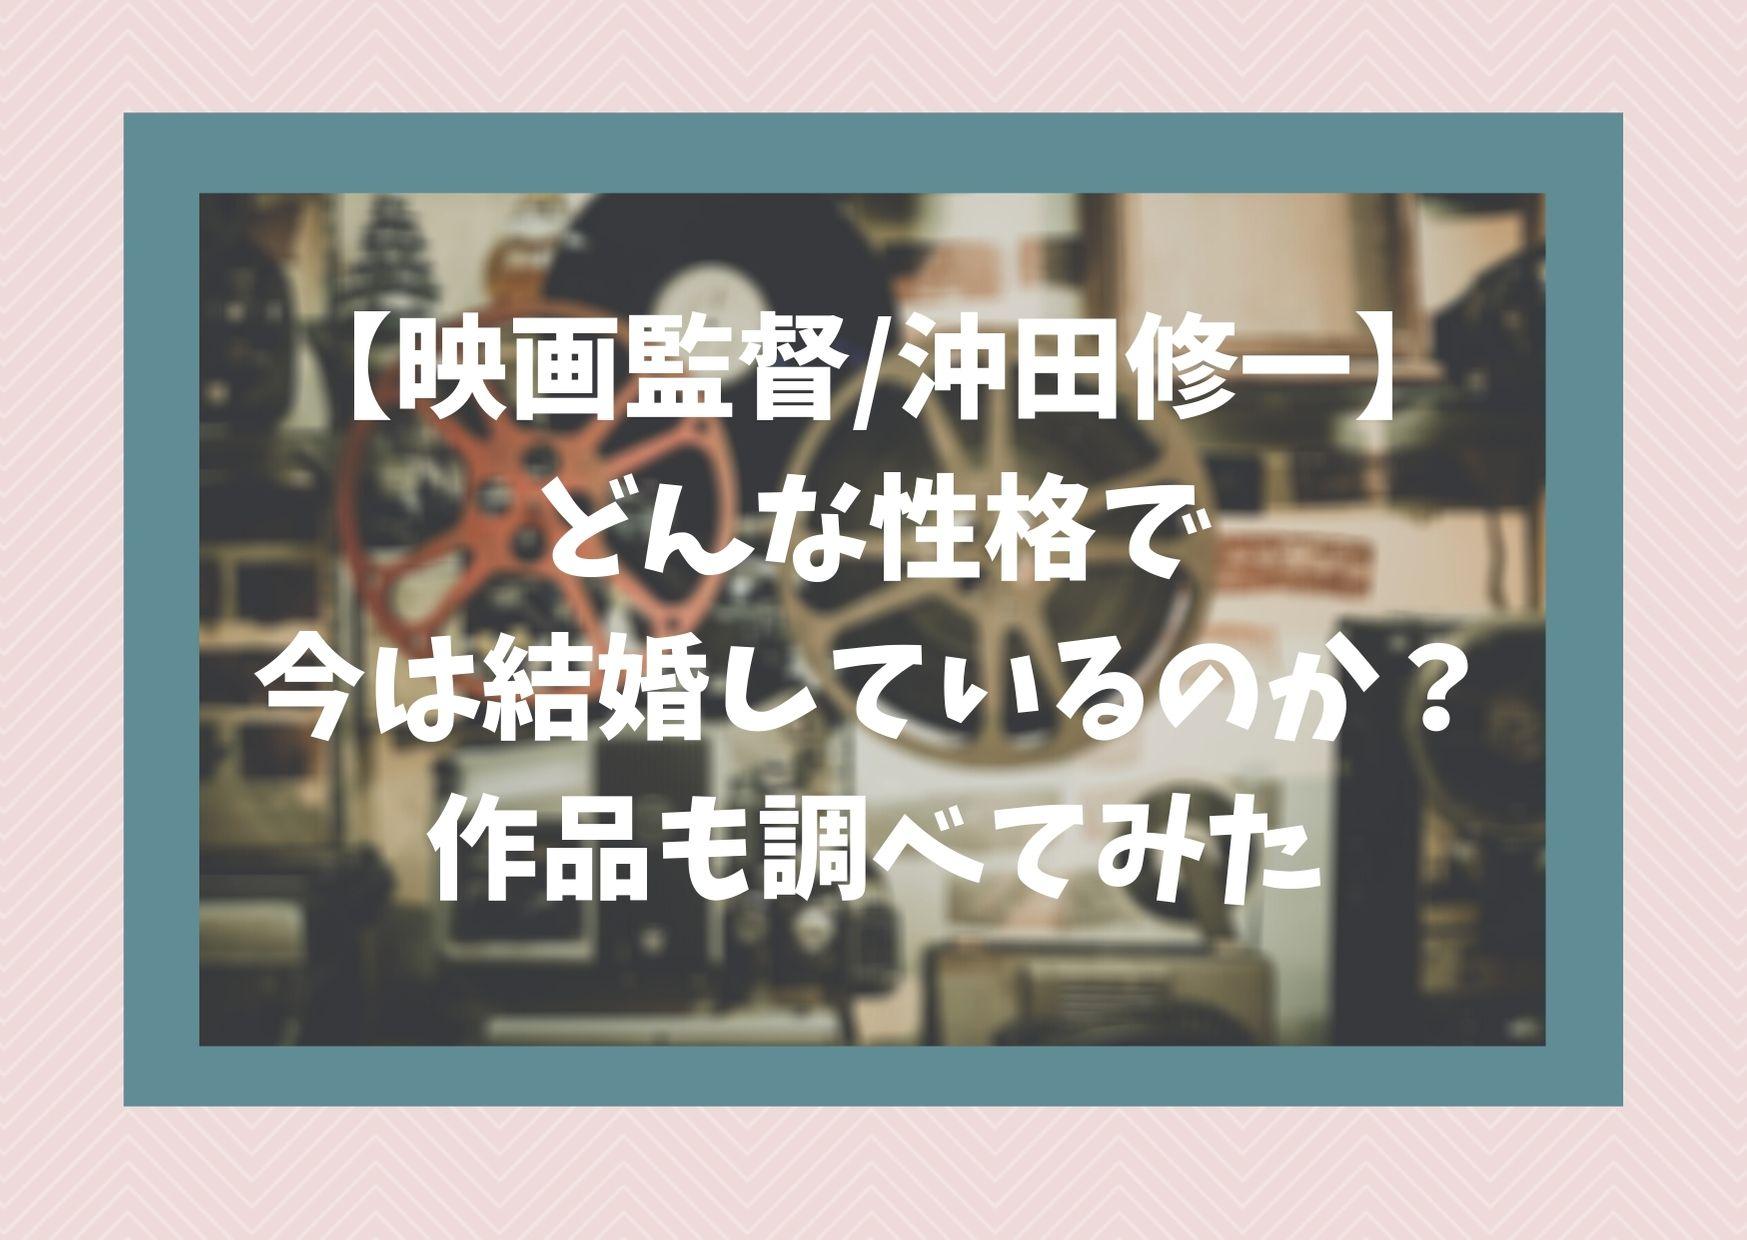 【映画監督/沖田修一】どんな性格で今は結婚しているのか?作品も調べてみた